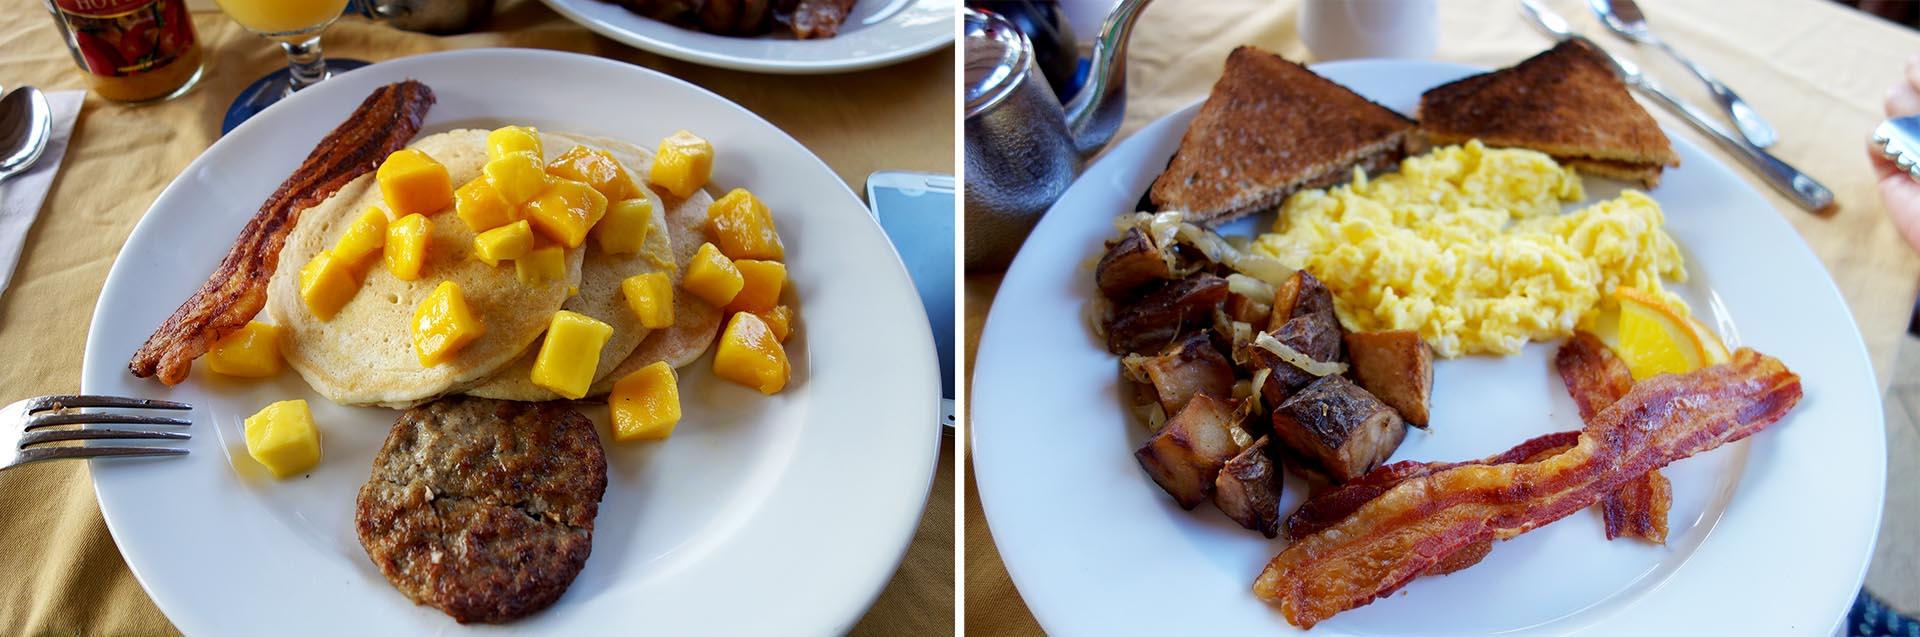 Breakfast at The Lobster Grill, Bolongo Bay Resort.